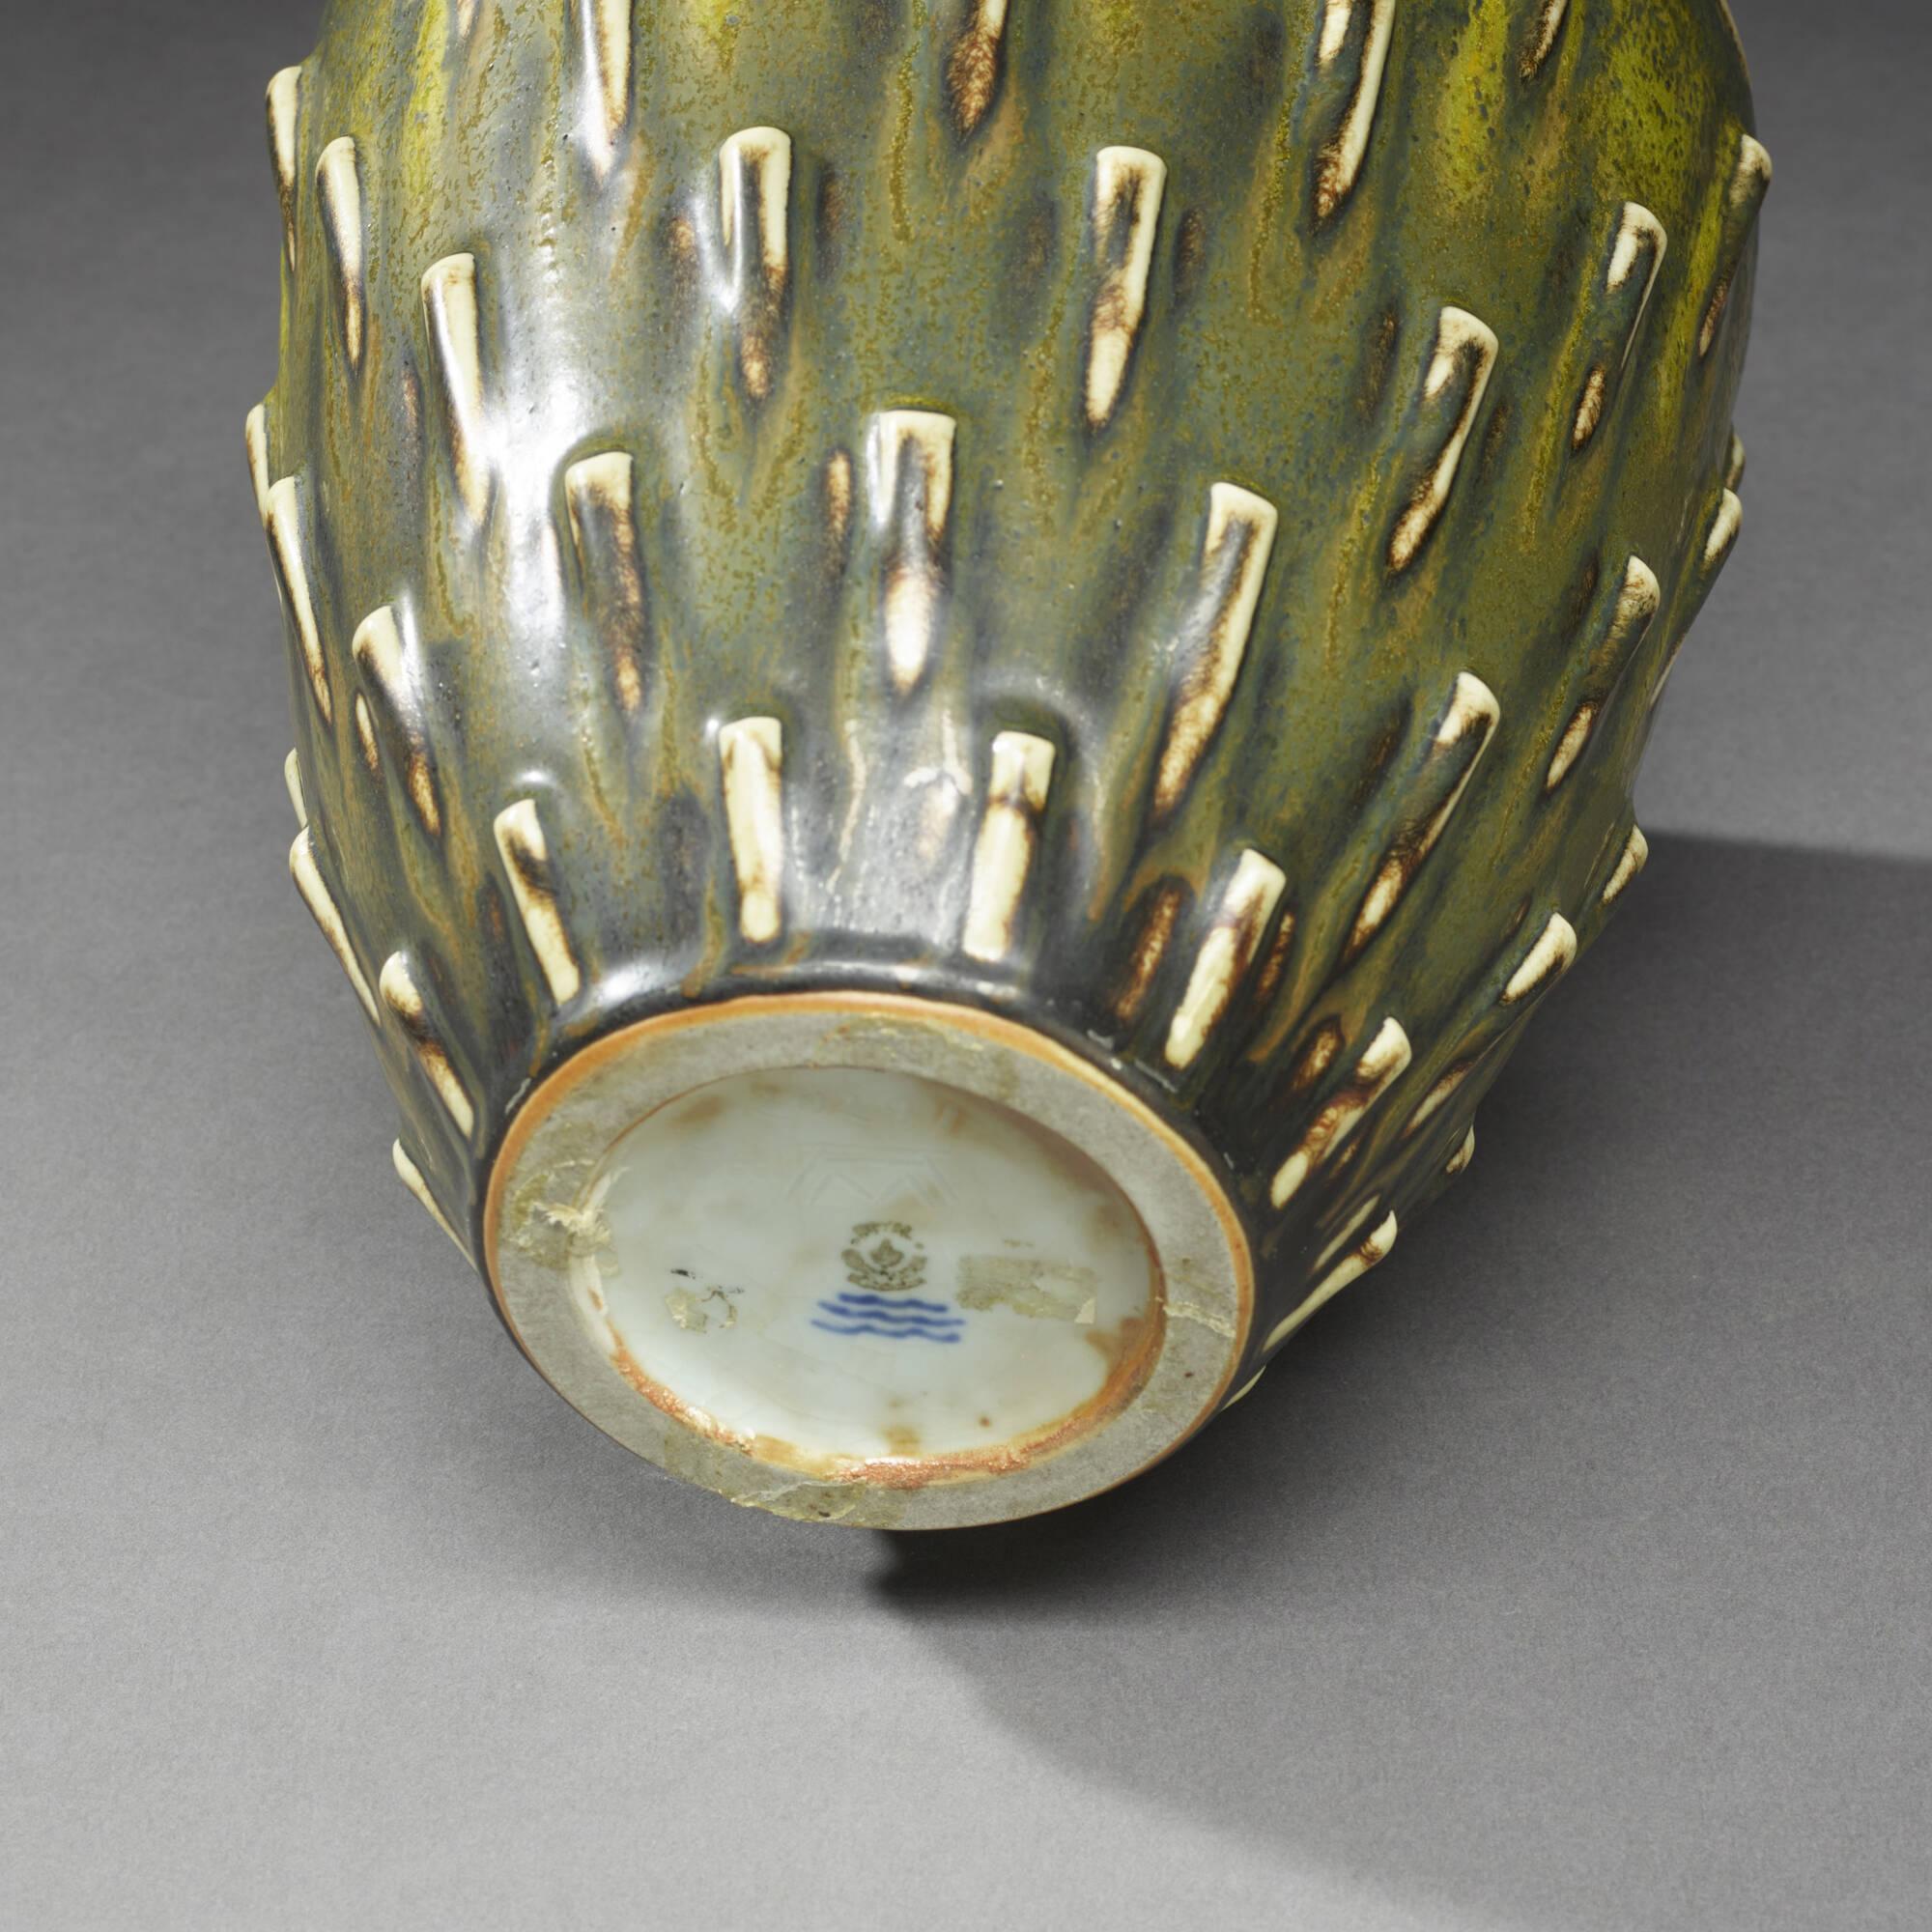 150: Arno Malinowski / vase (3 of 3)